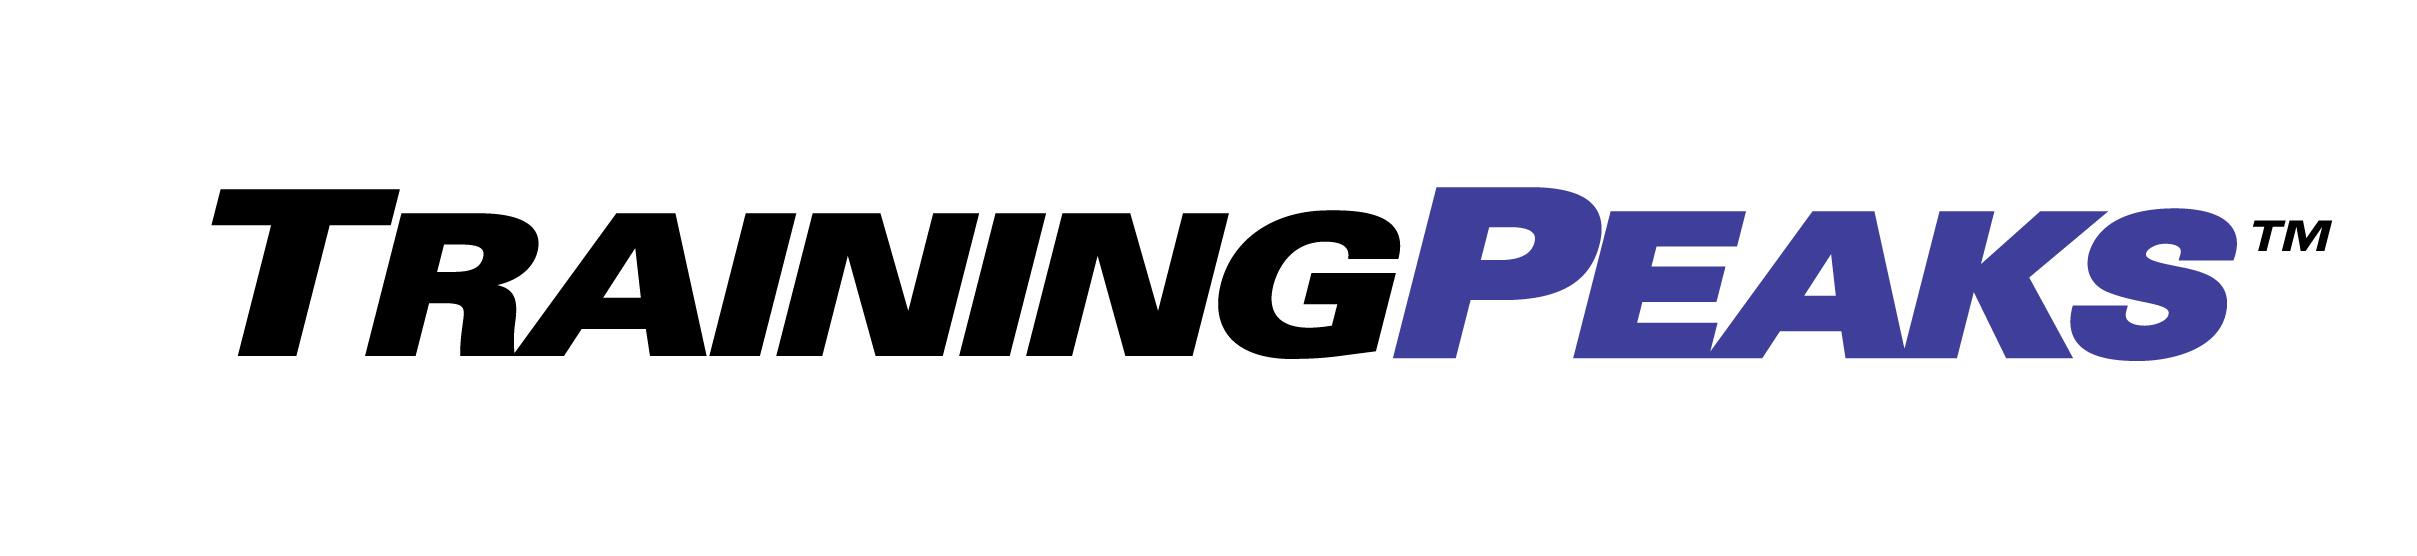 TrainingPeaks+logo+(1)